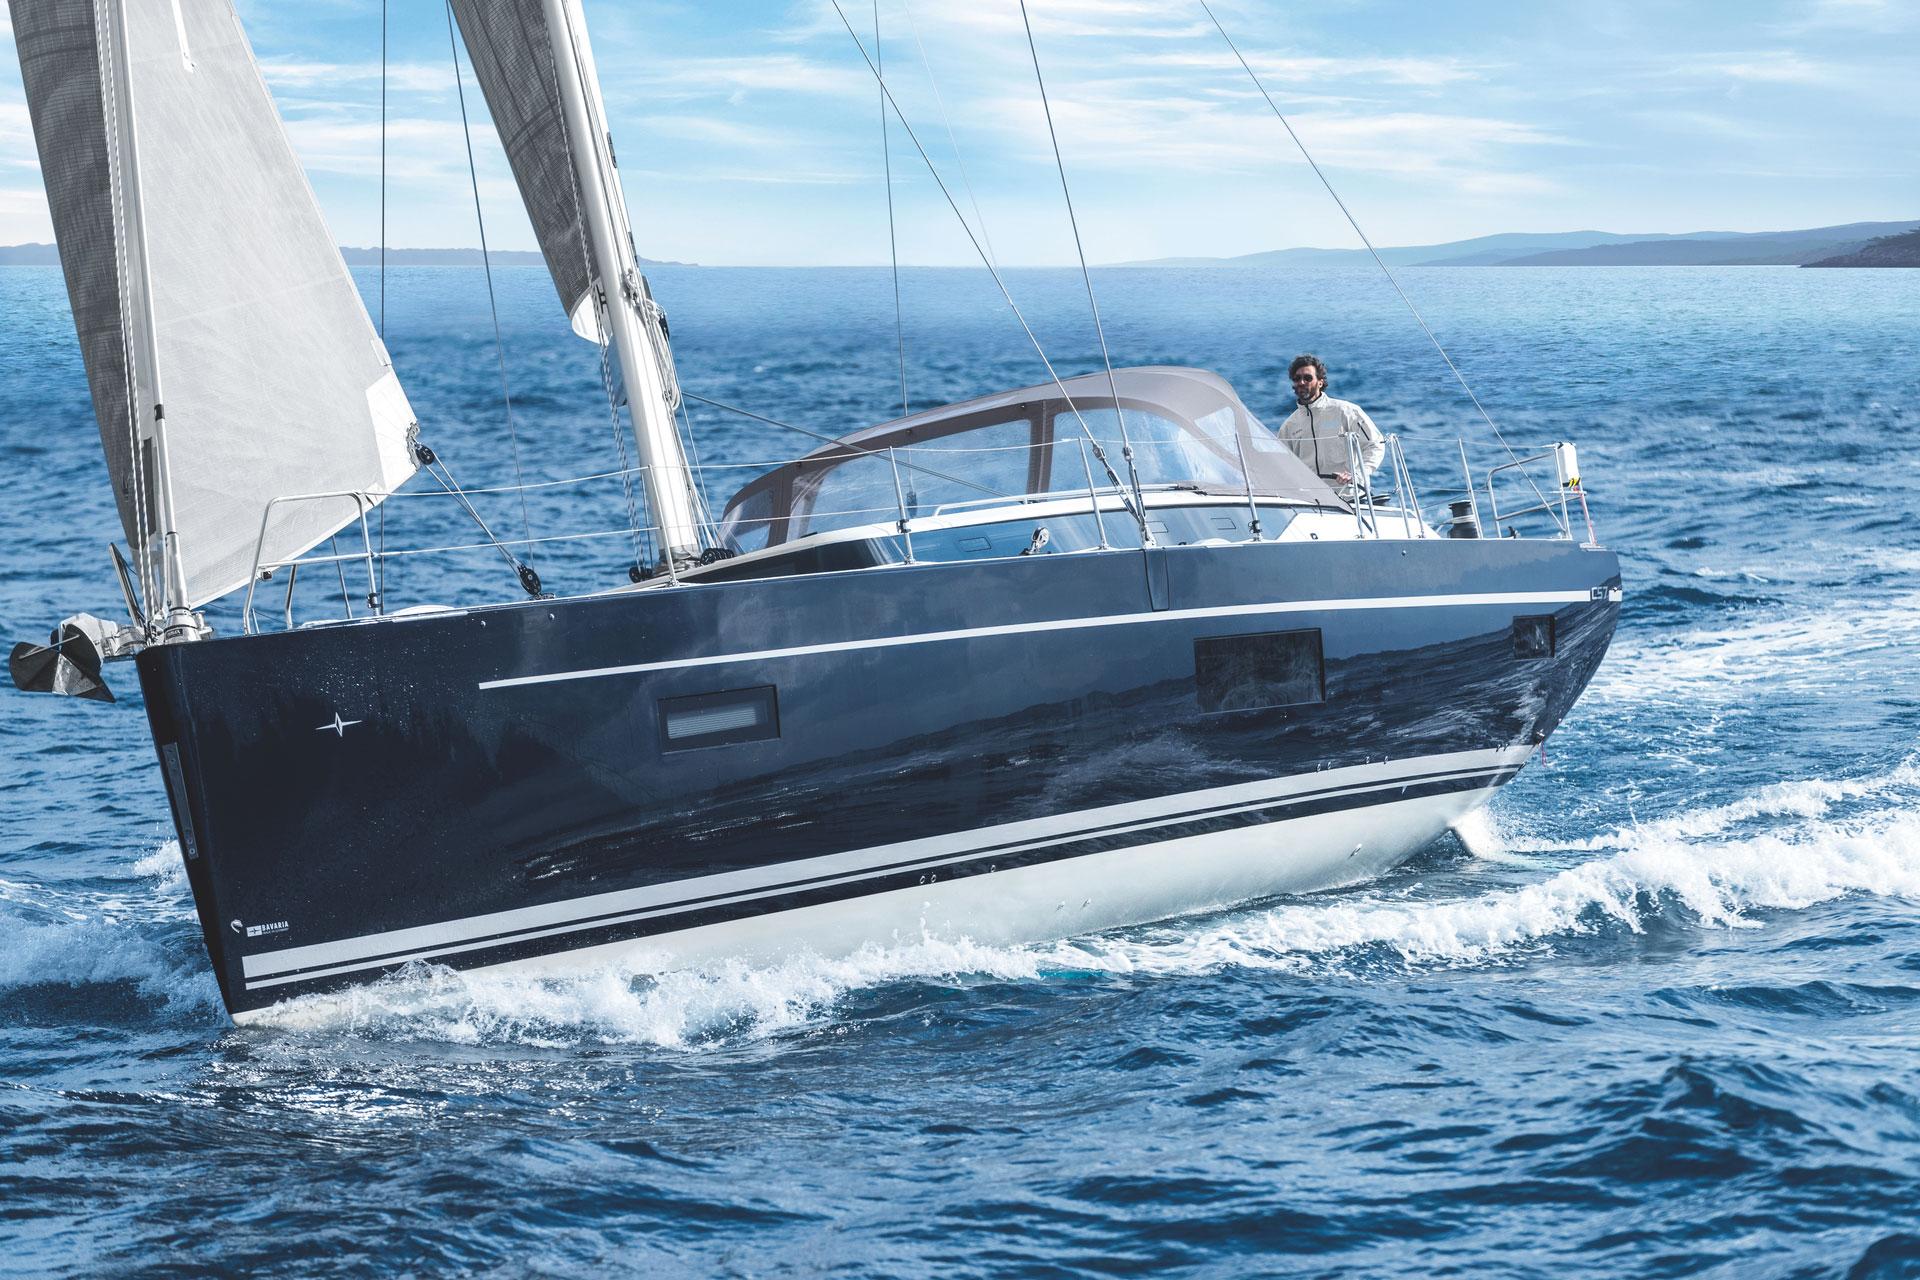 BAVARIA C57 Sailing upwind